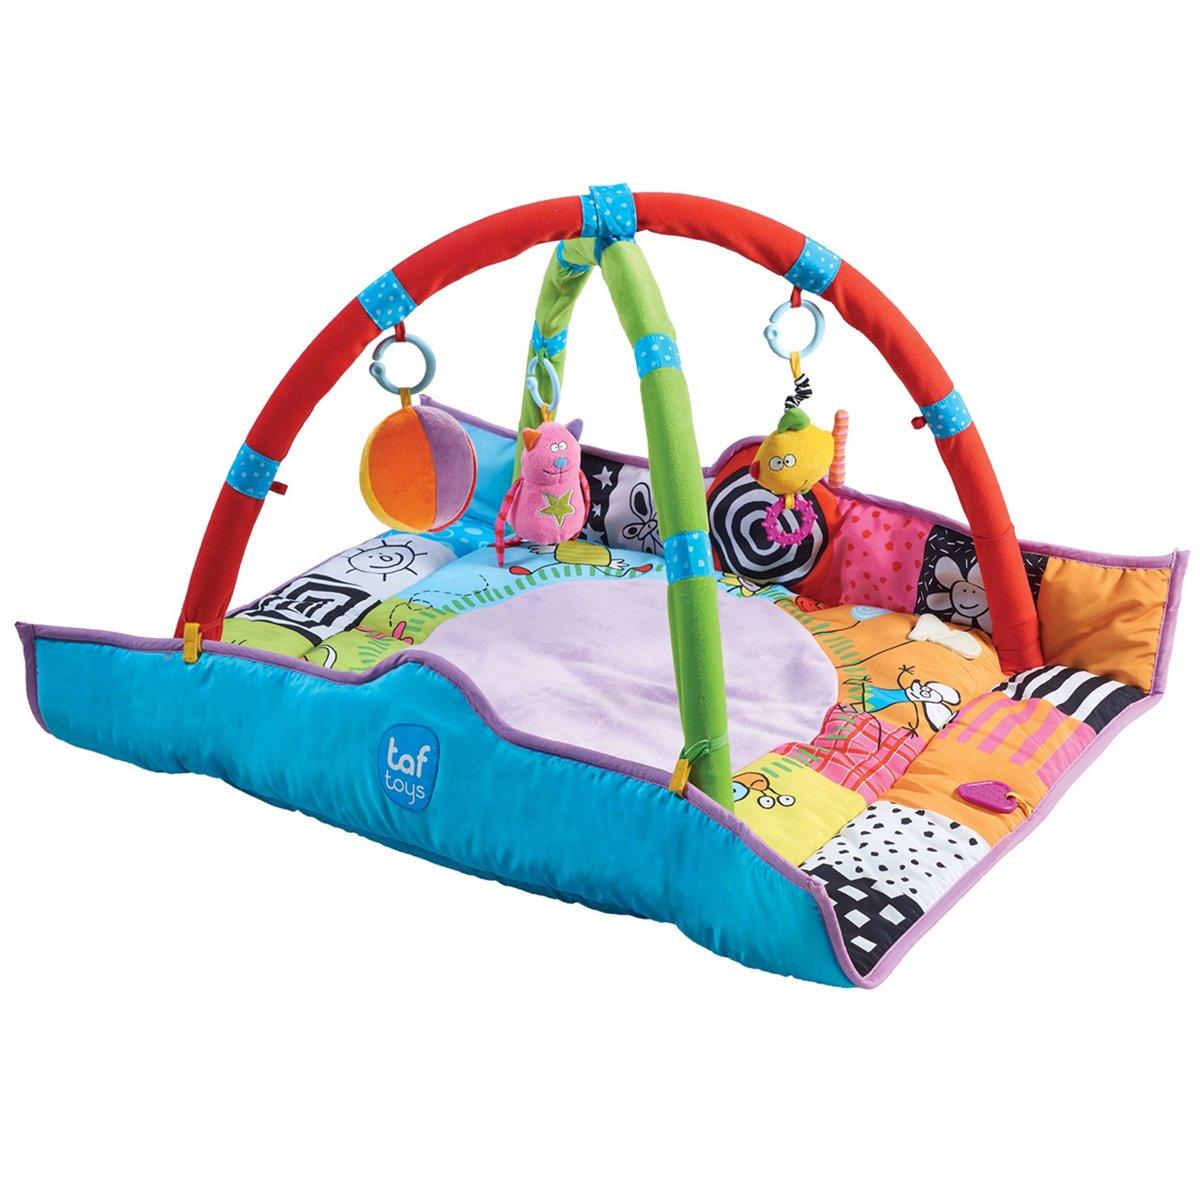 Taf Toys 11955 Spielmatte für Neugeborene, Mehrfarbig Bisal GmbH - Baby TAF11955